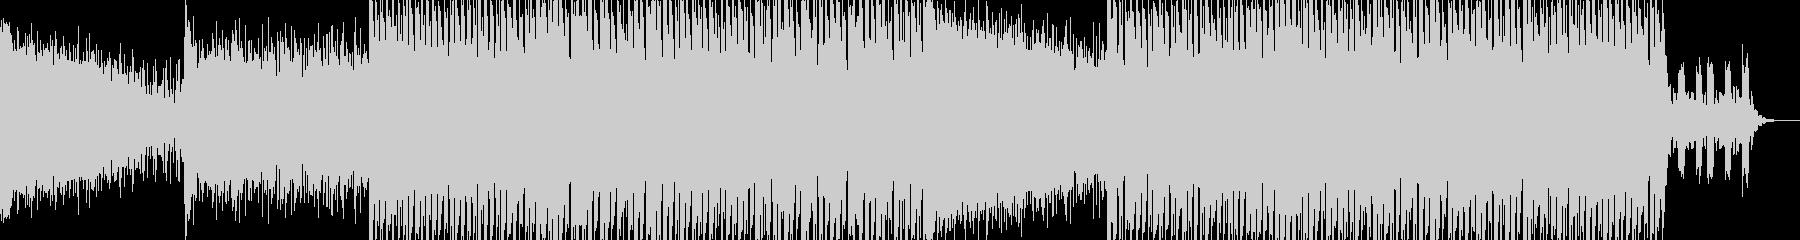 EDMクラブ系ダンスミュージック-79の未再生の波形